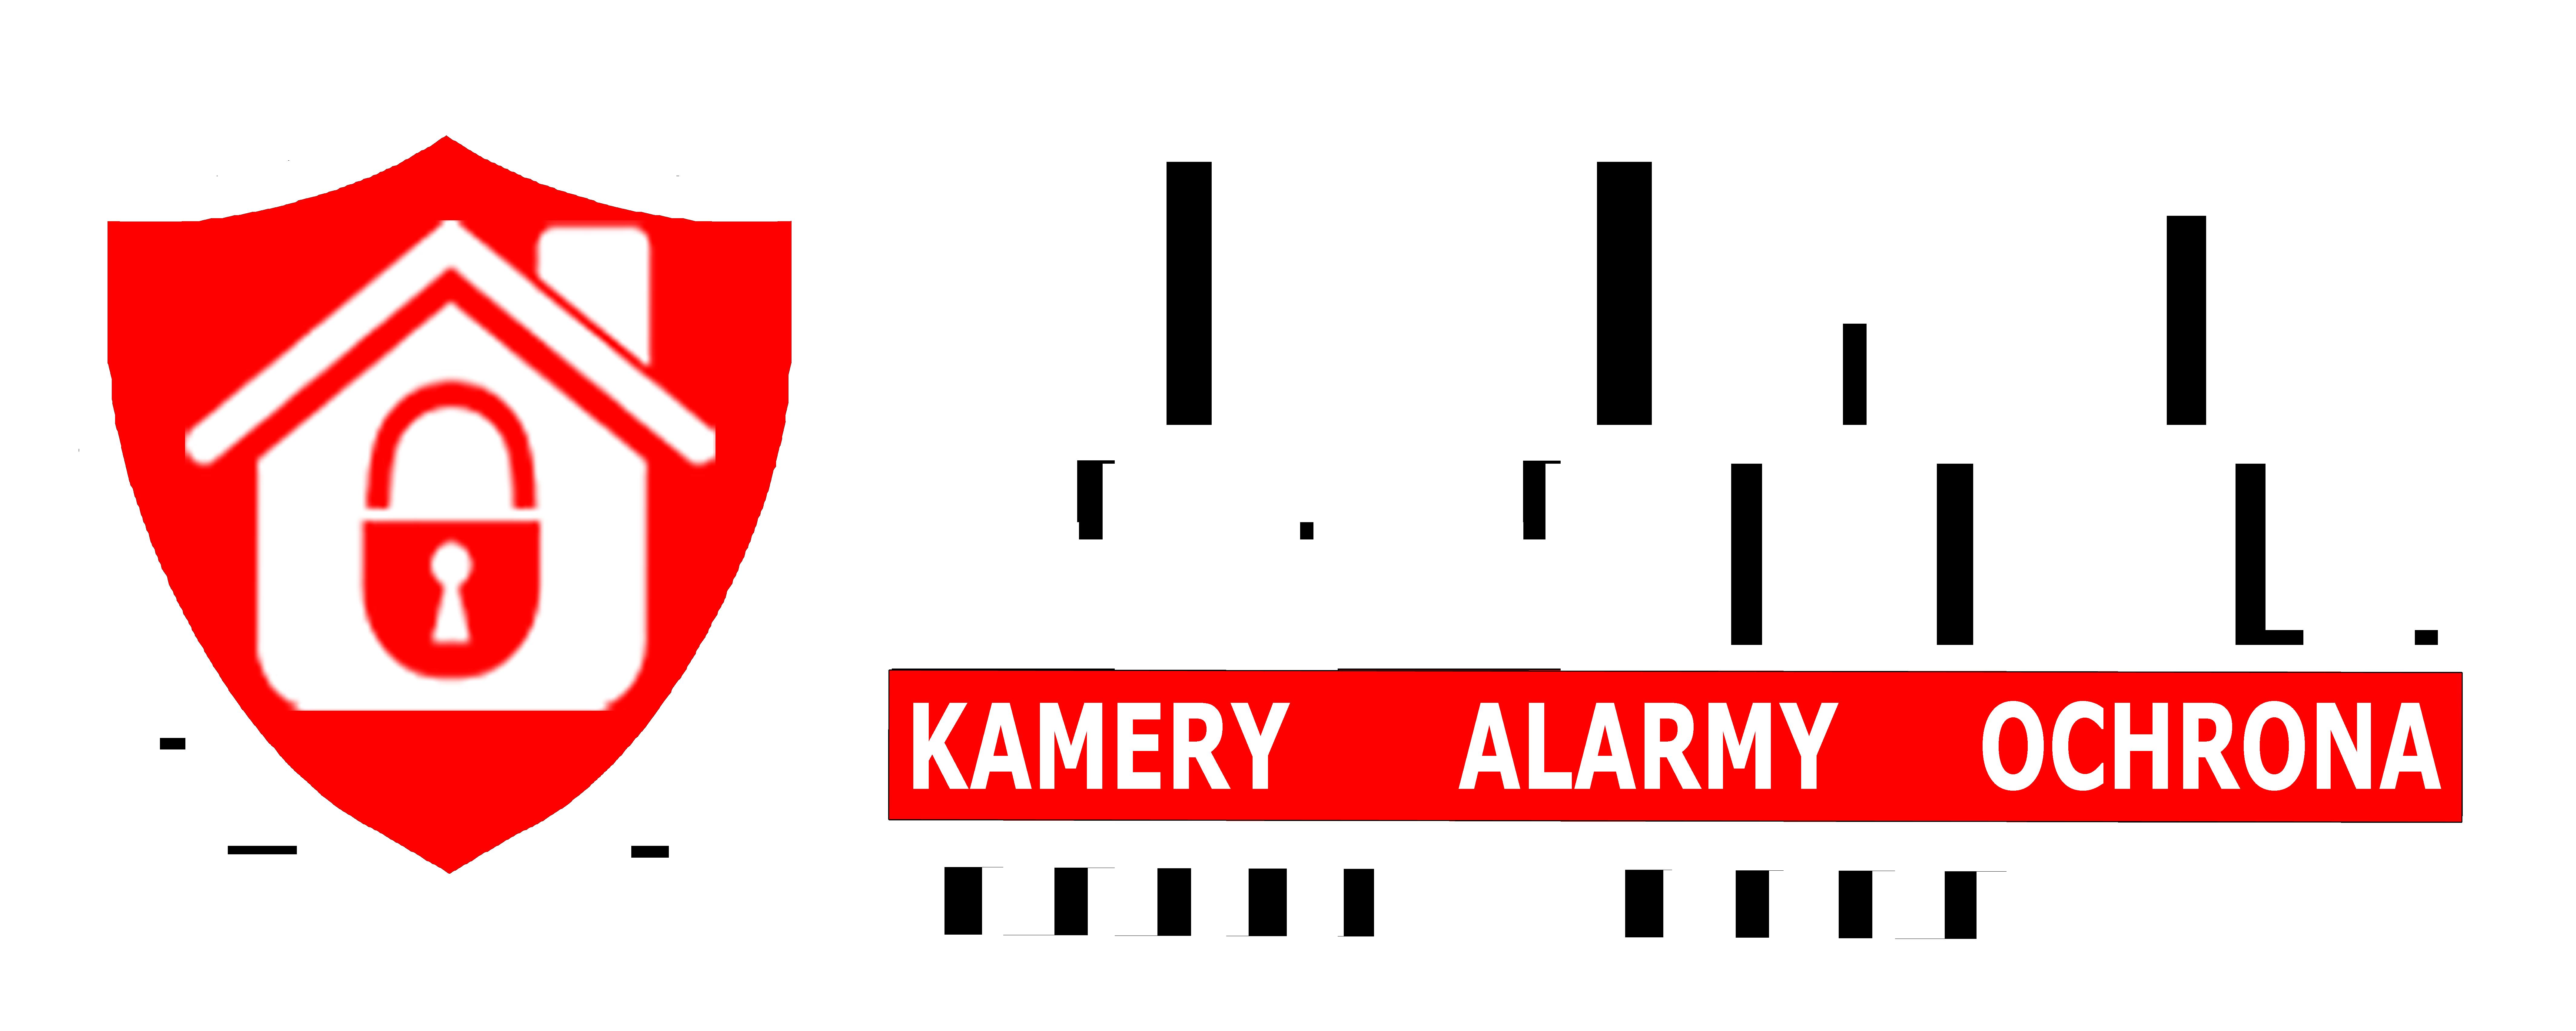 Bielak-Systemy - Kamery, Alarmy, Ochrona, Inteligentny Dom